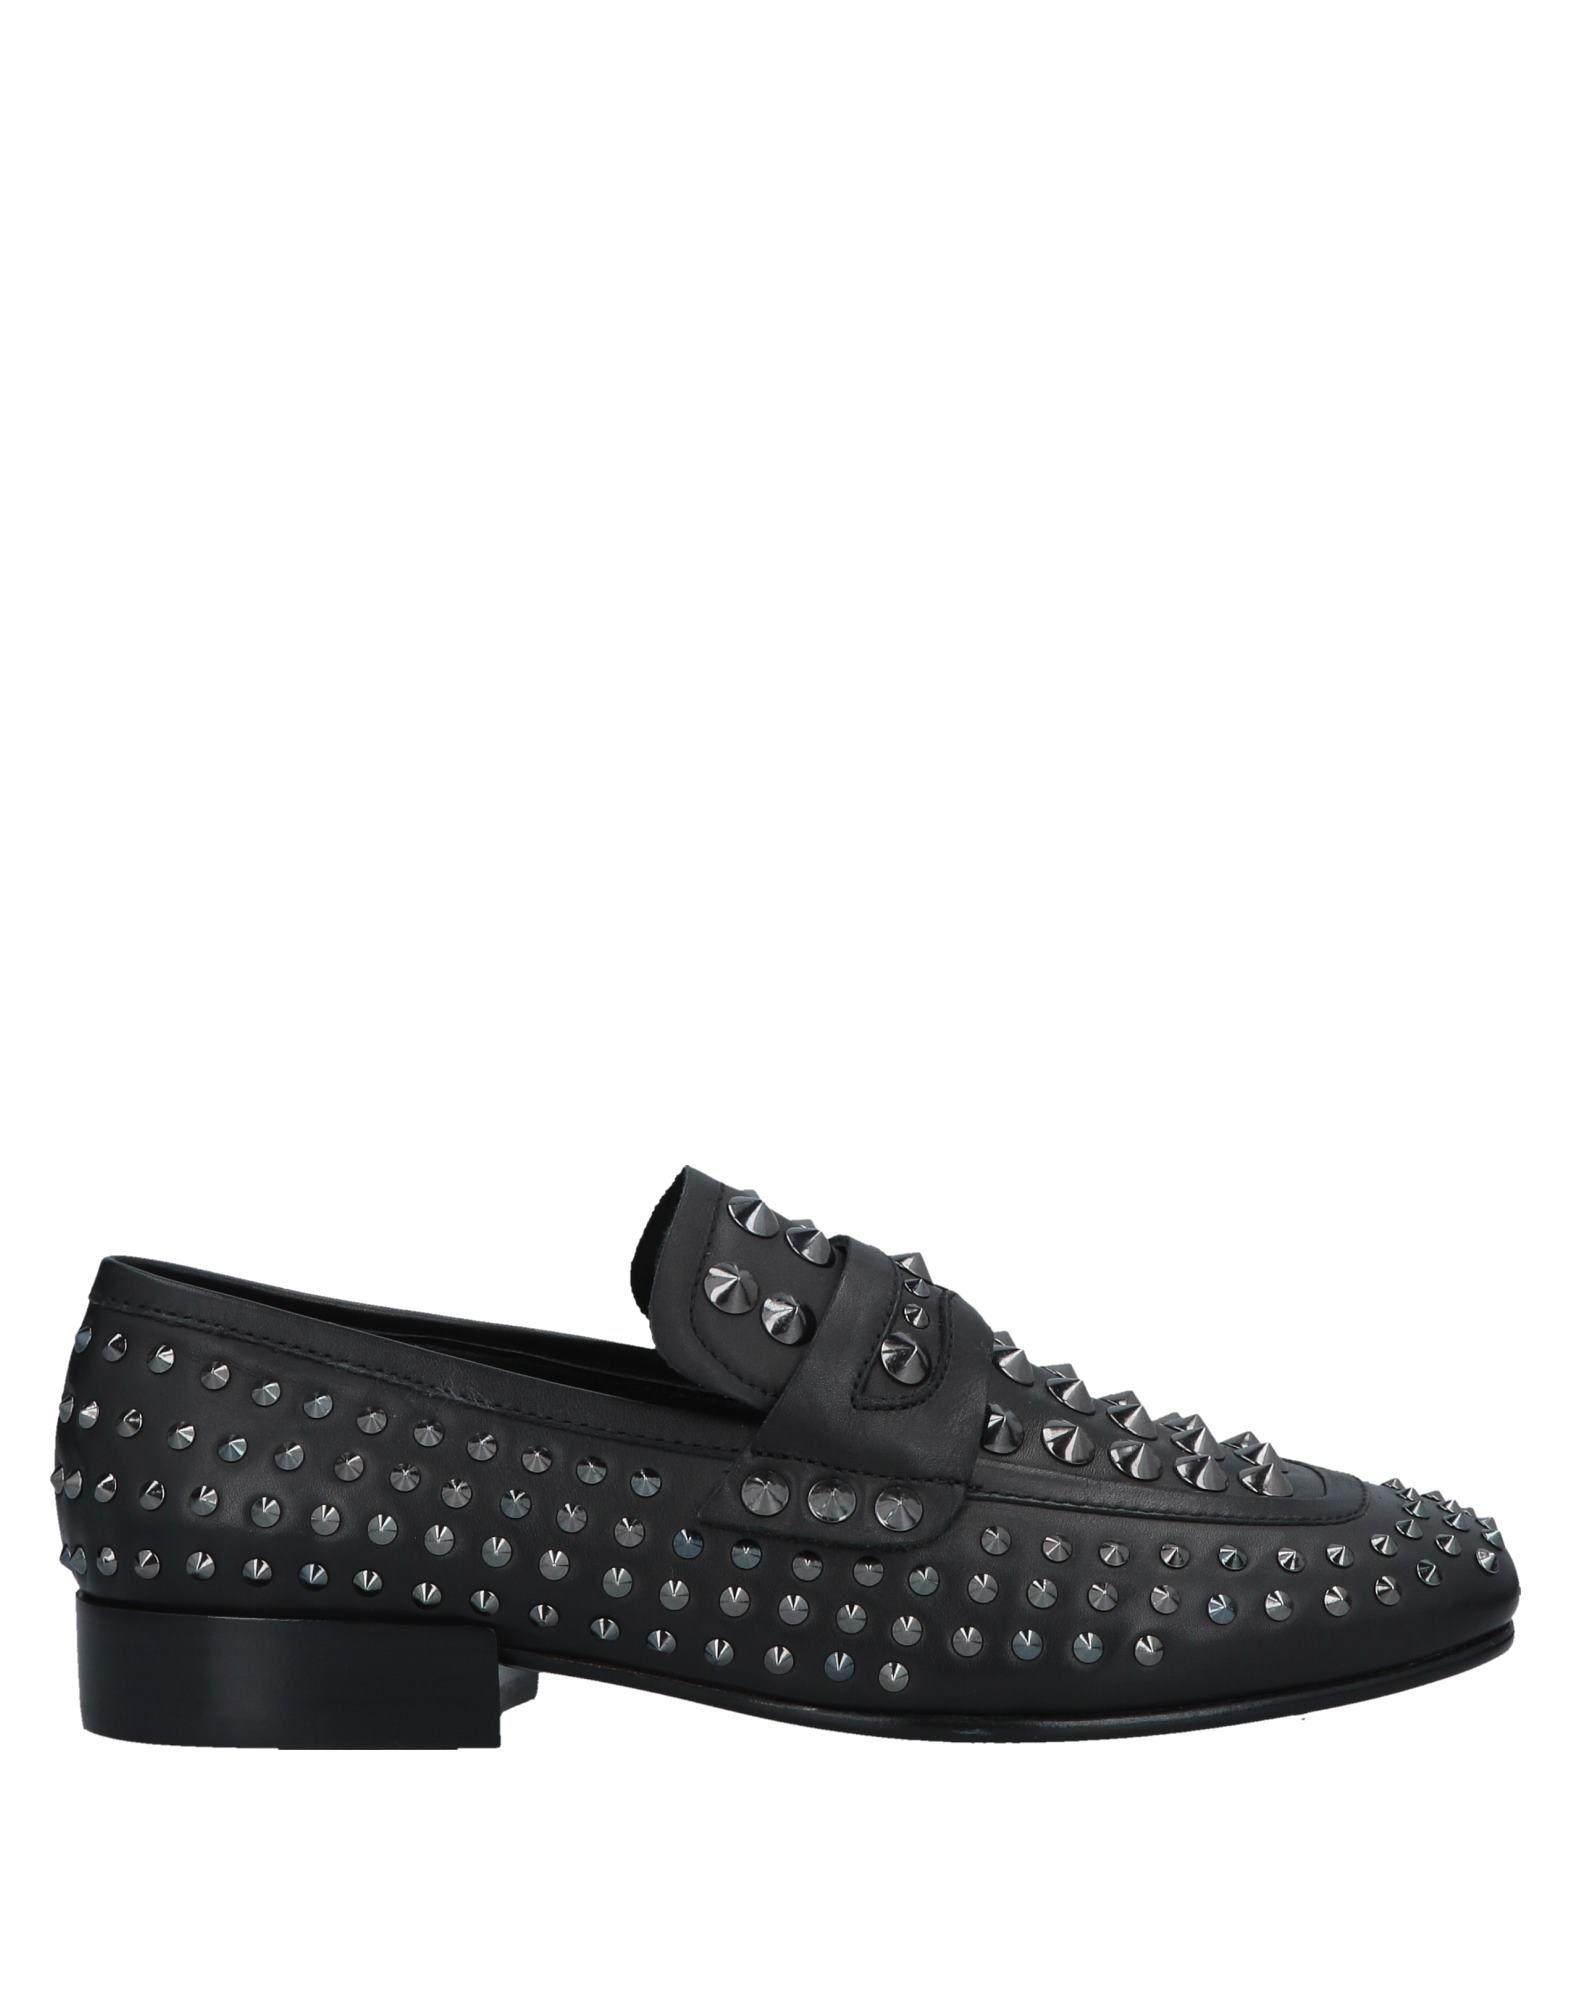 спортивные сандалии мужские купить